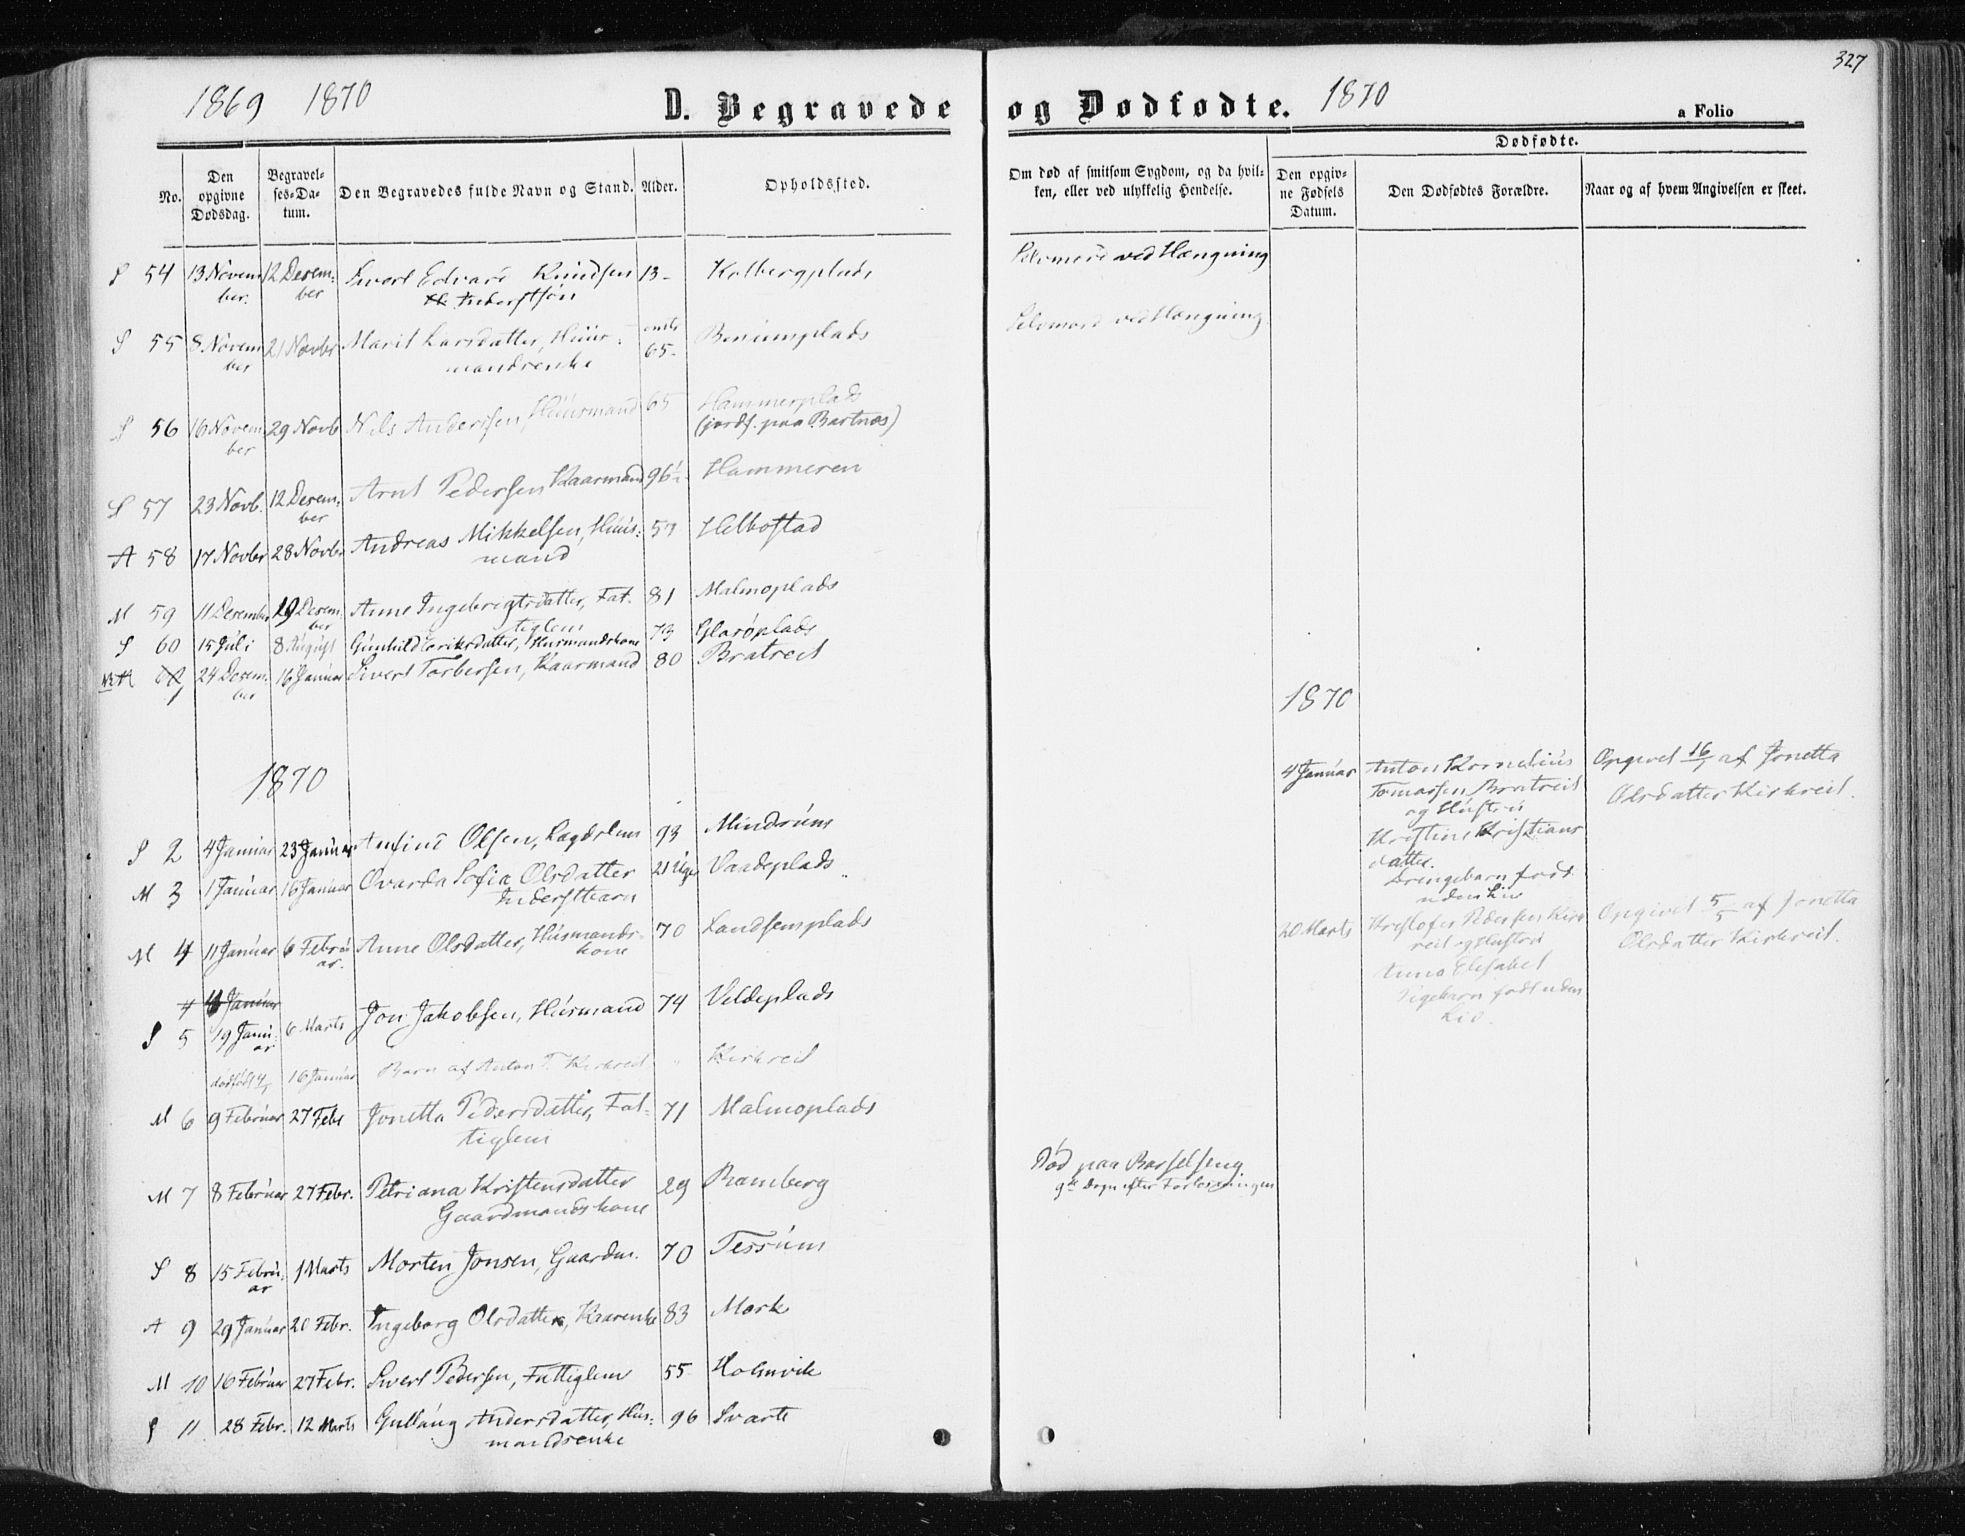 SAT, Ministerialprotokoller, klokkerbøker og fødselsregistre - Nord-Trøndelag, 741/L0394: Ministerialbok nr. 741A08, 1864-1877, s. 327